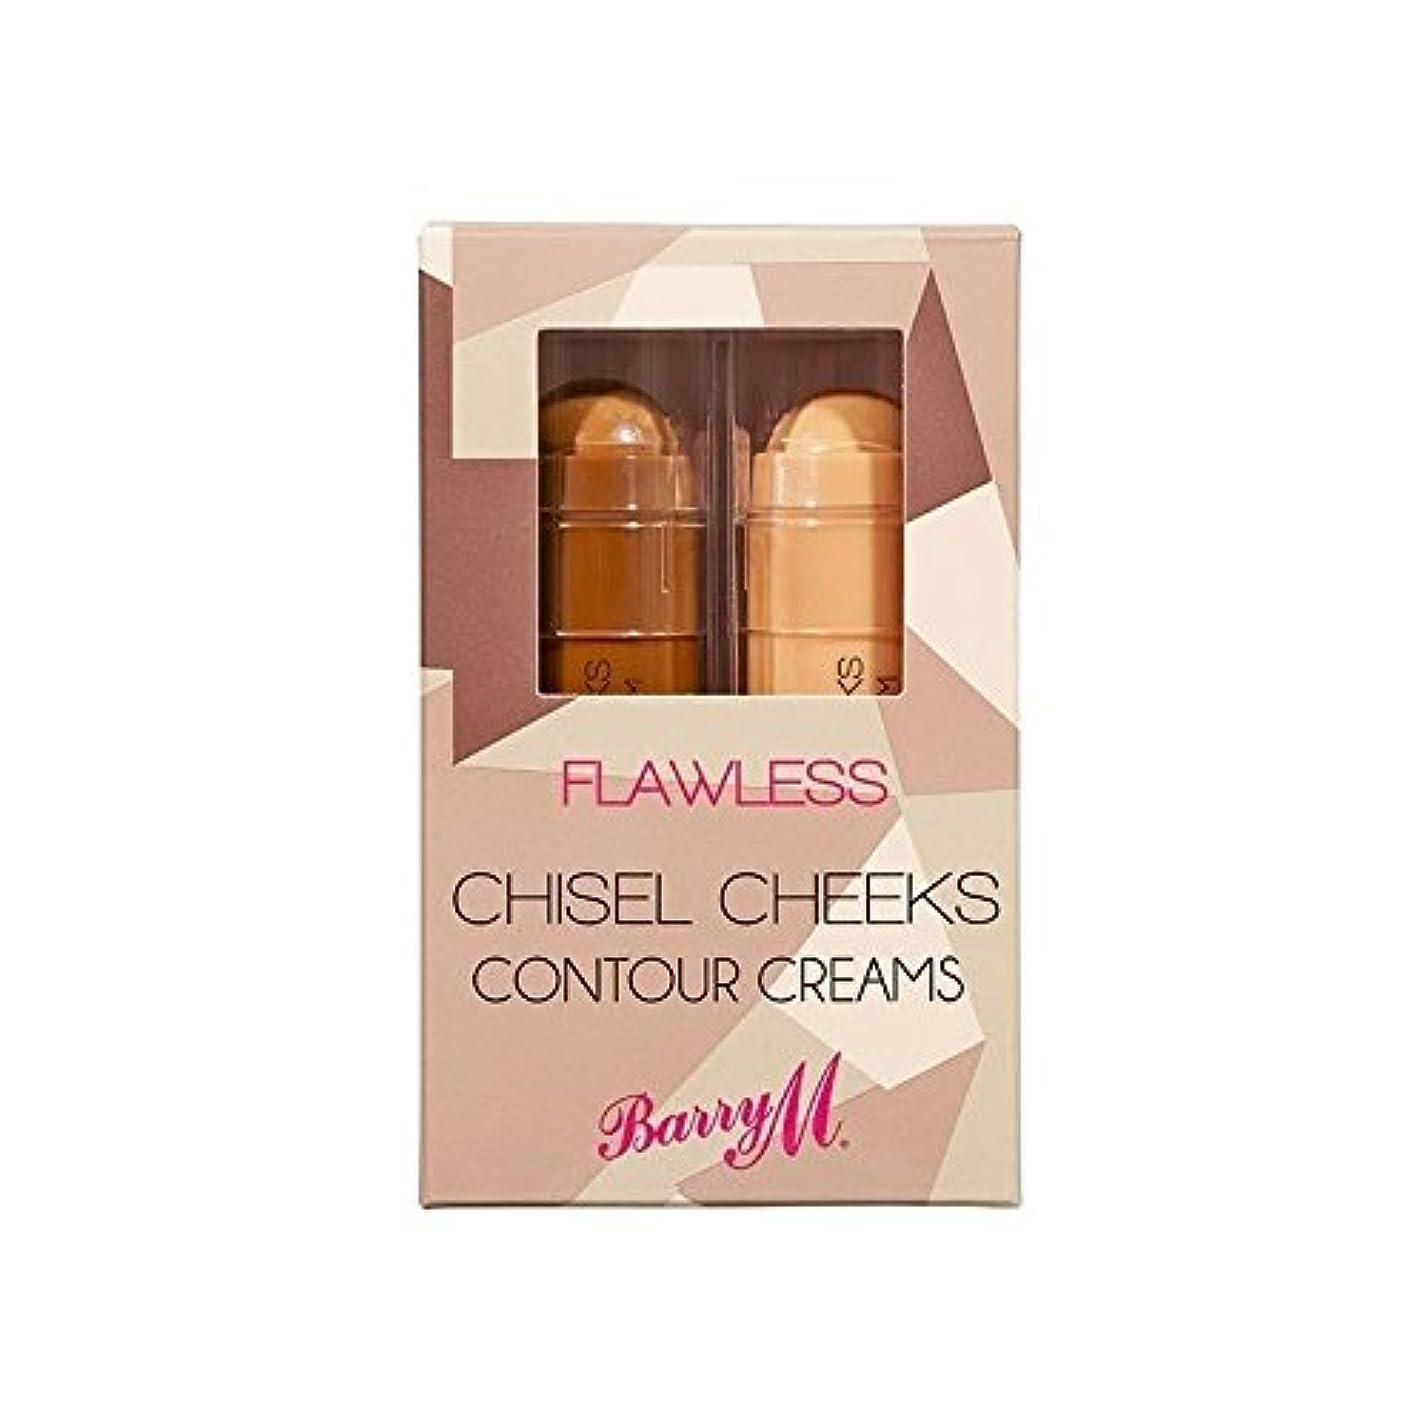 ヘリコプター警察署注目すべきBarry M Chisel Cheek Contour Creams - バリーメートルチゼル頬の輪郭クリーム [並行輸入品]